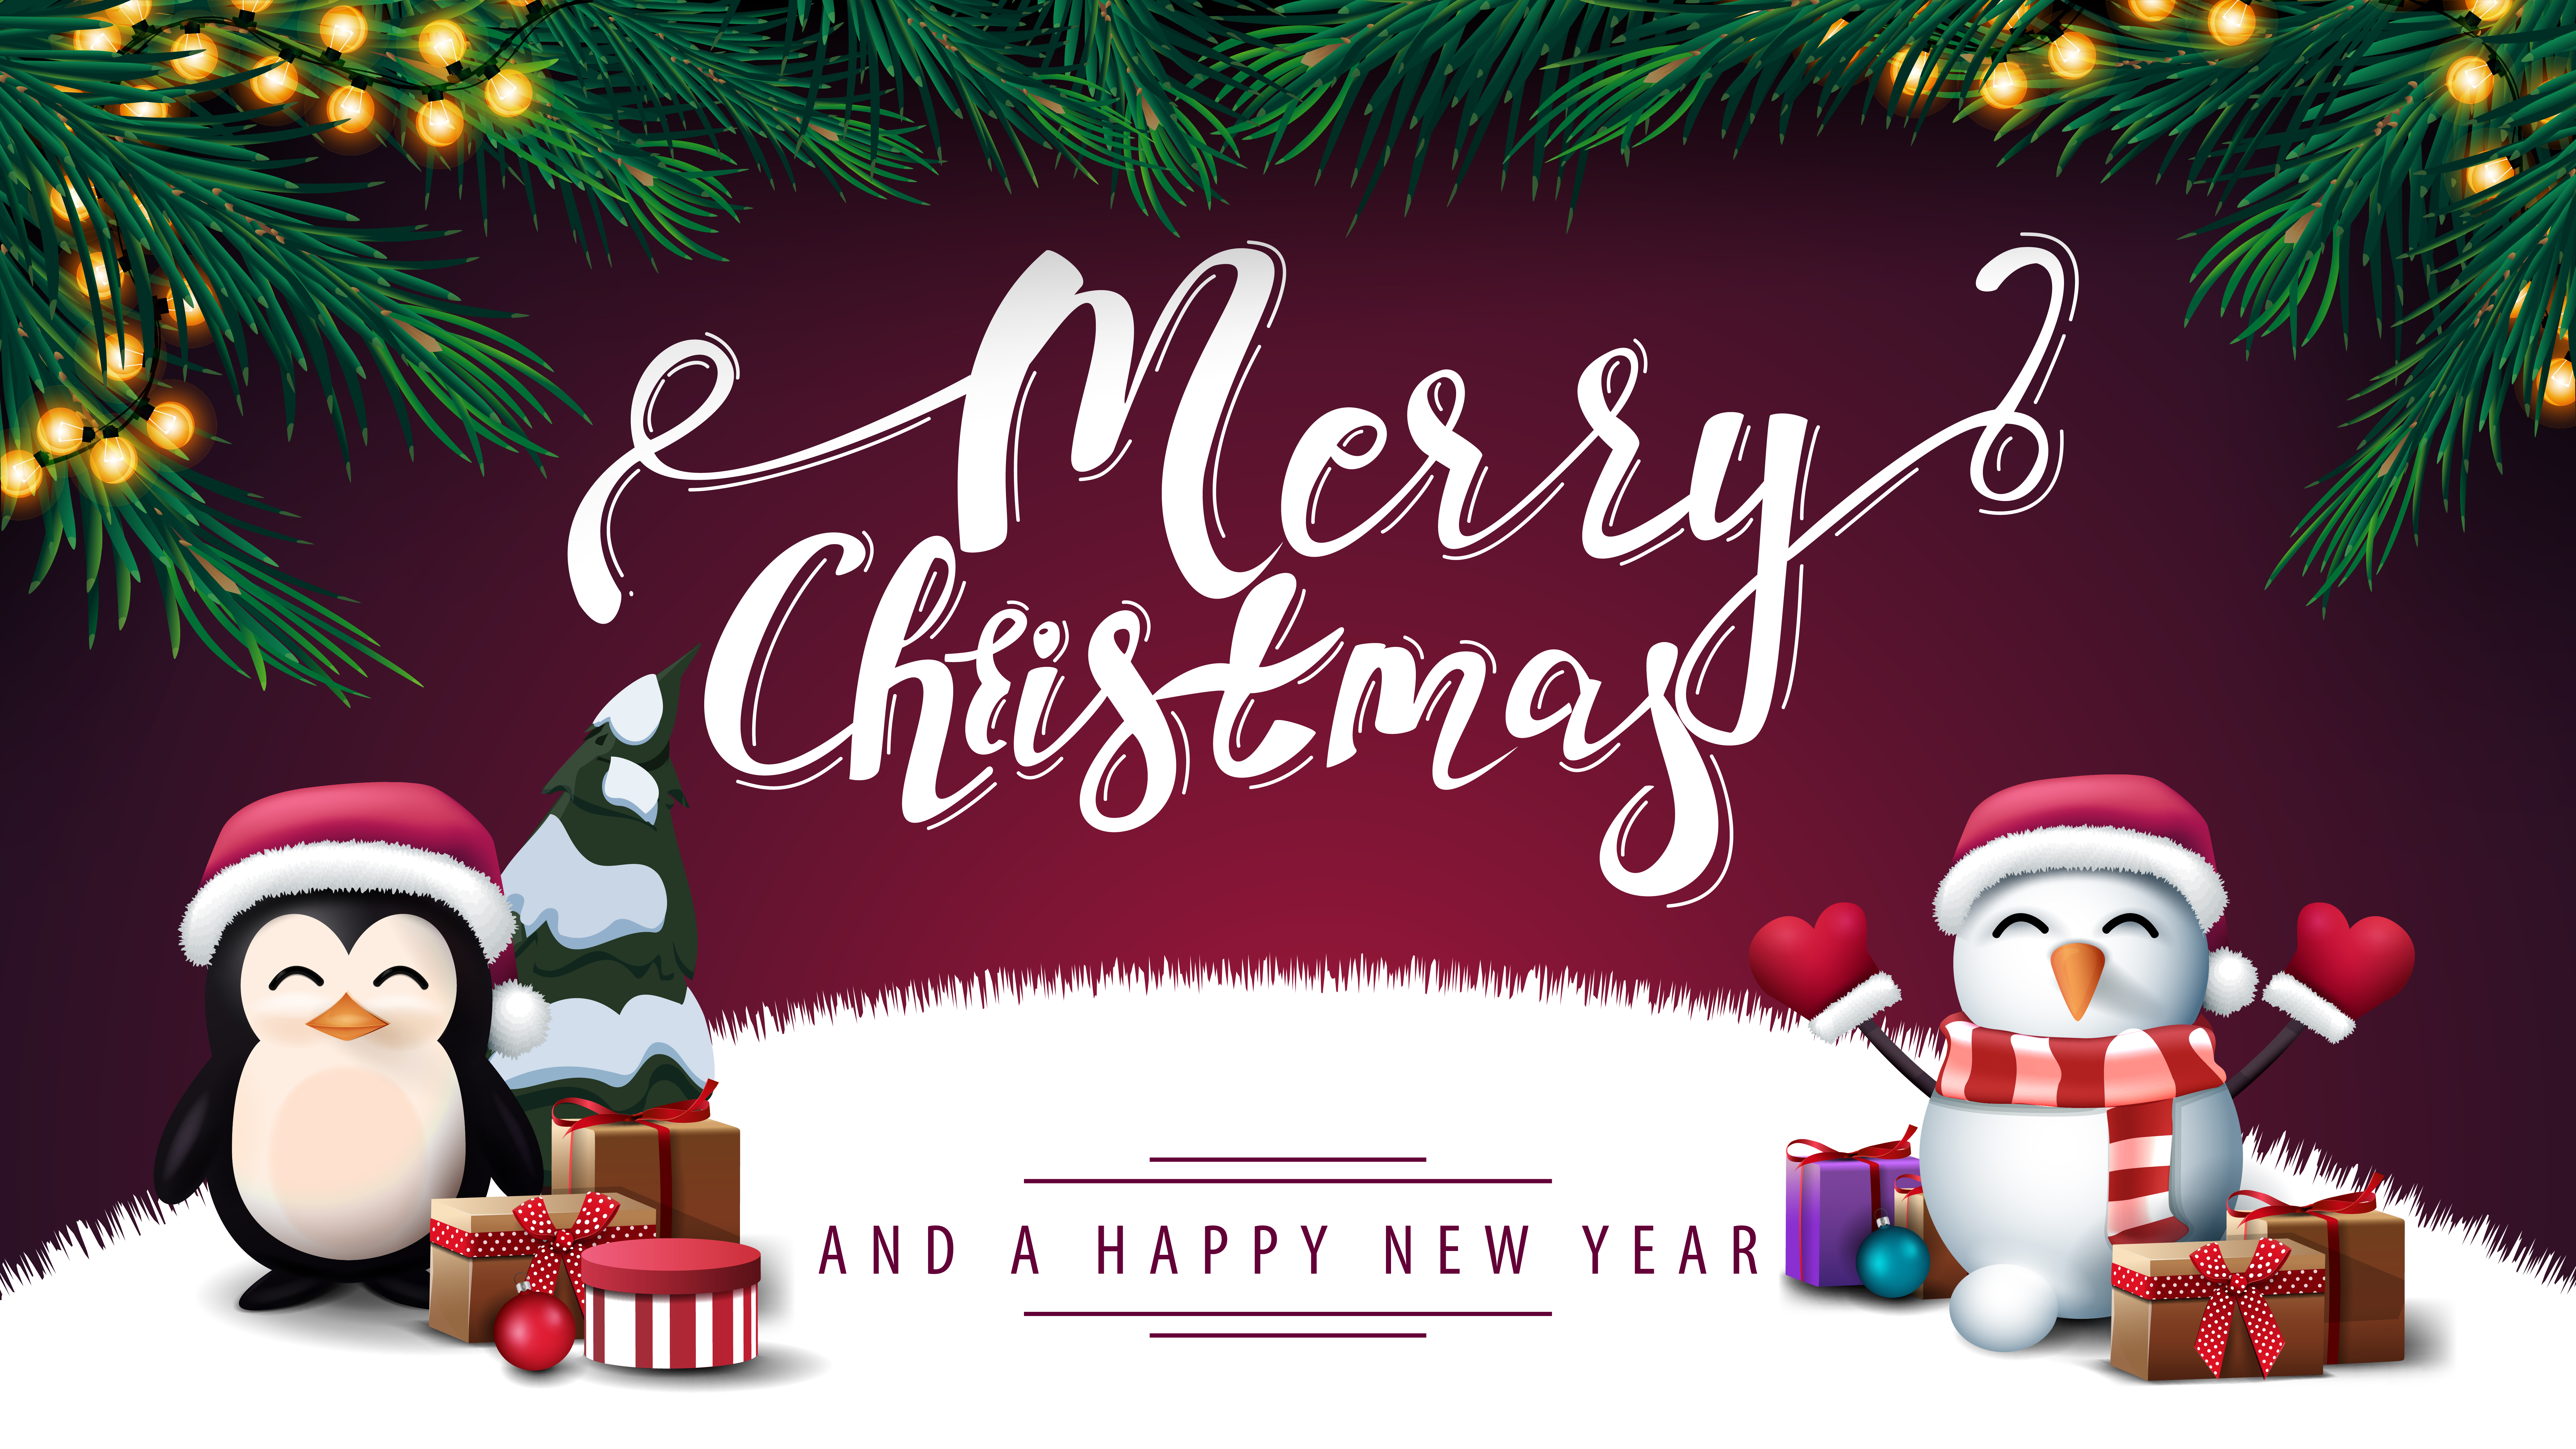 Cartoline Buon Natale E Felice Anno Nuovo.Buon Natale E Felice Anno Nuovo Cartolina Viola 1486364 Scarica Immagini Vettoriali Gratis Grafica Vettoriale E Disegno Modelli